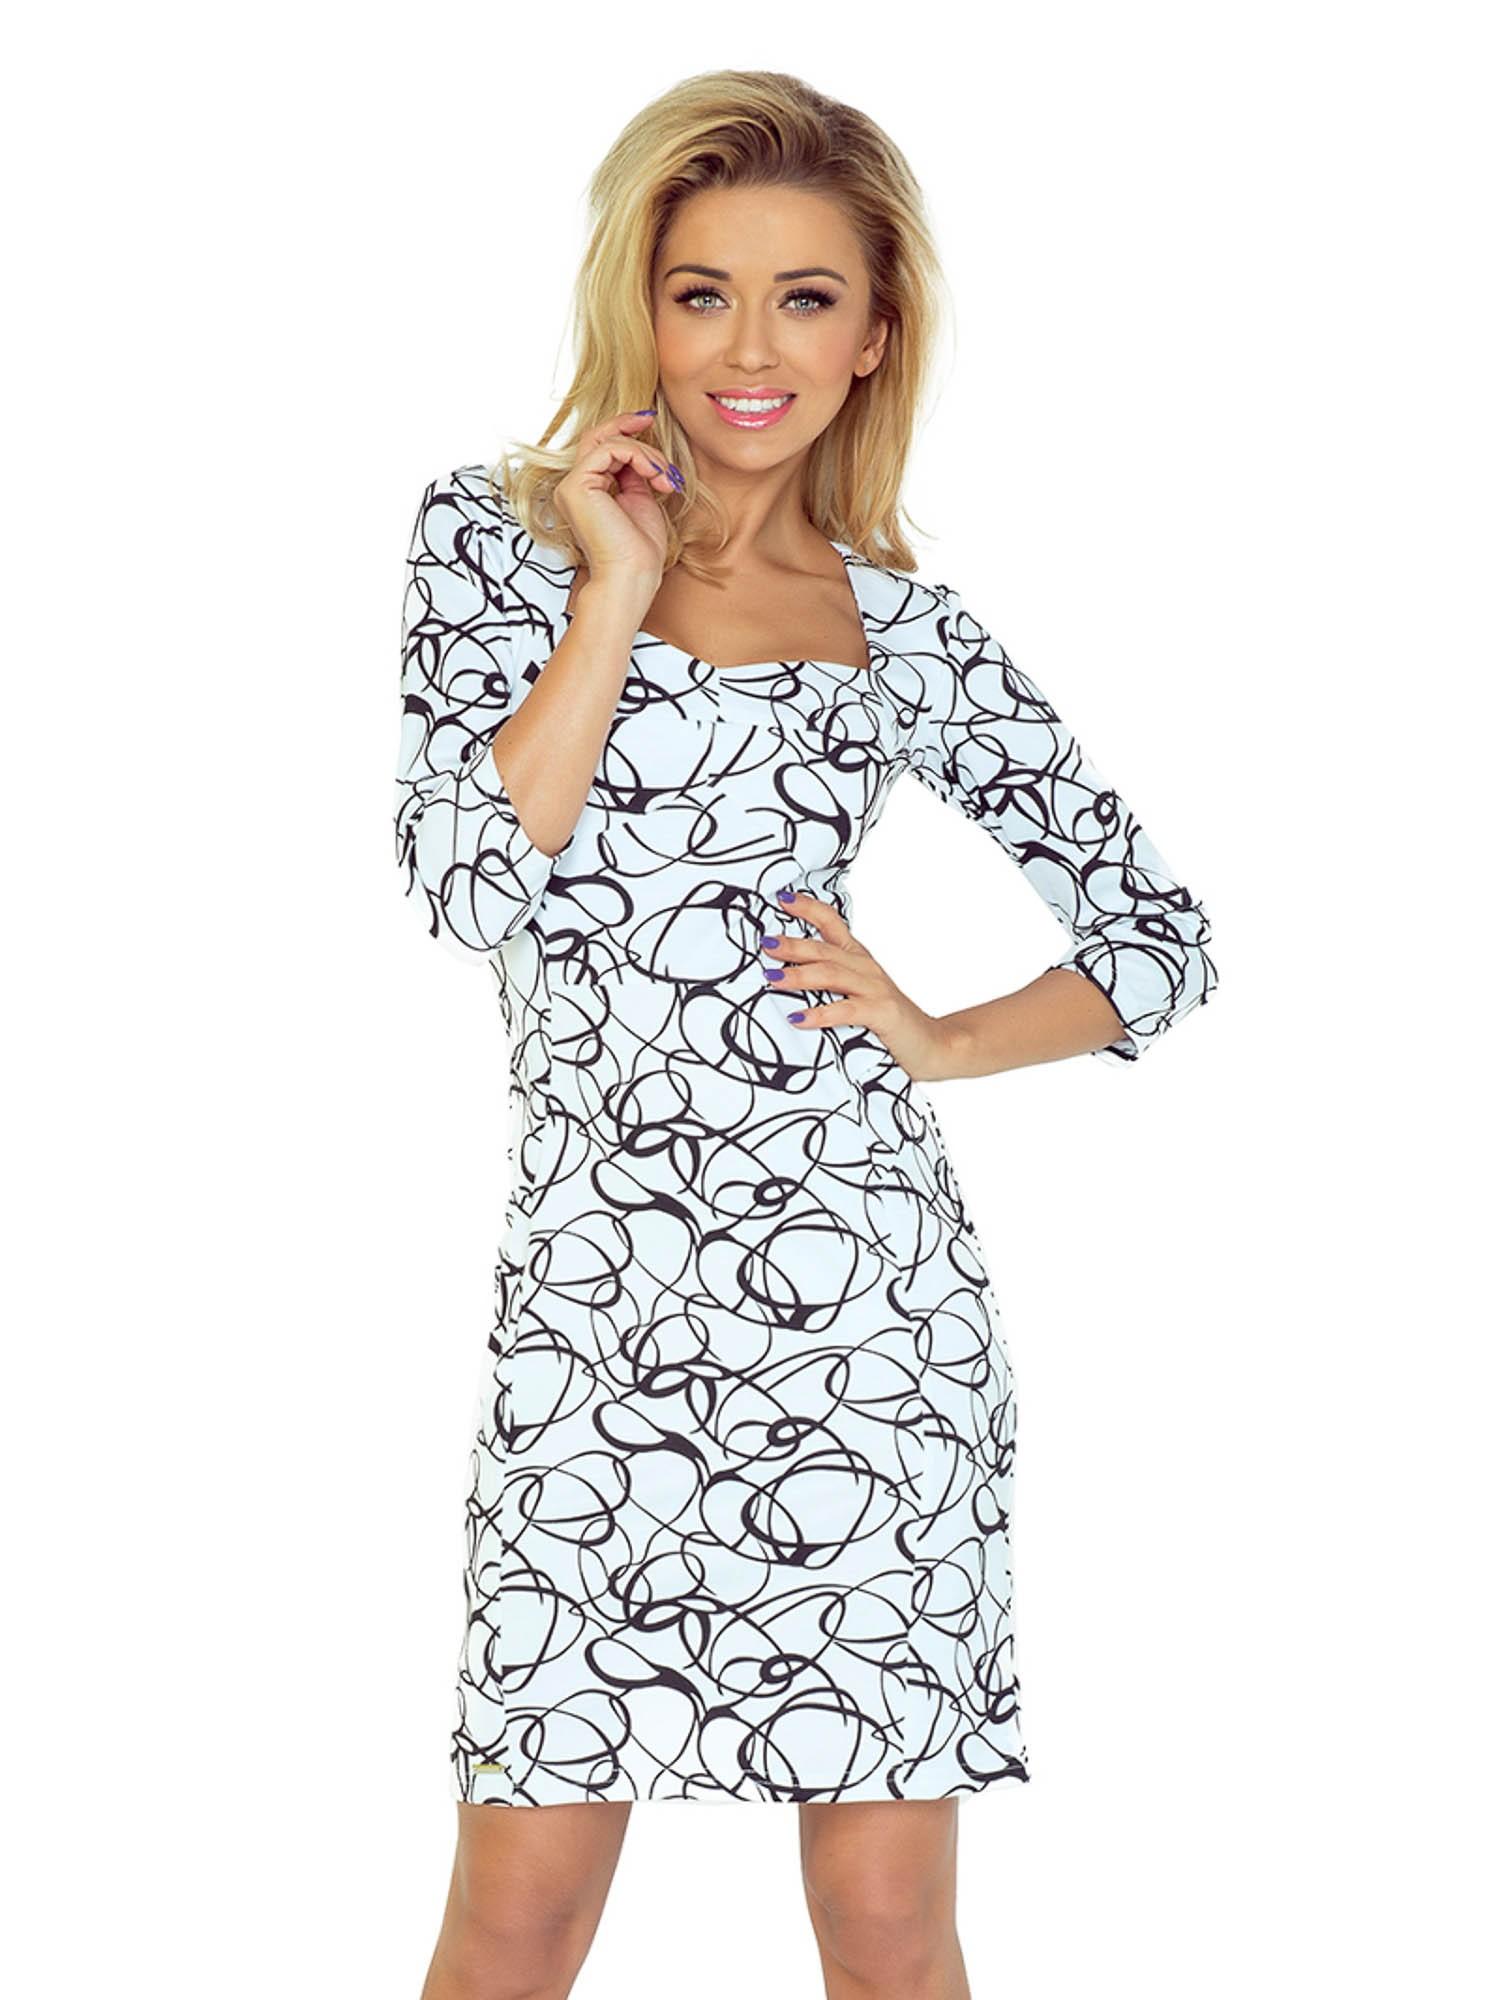 664d896ce ModneVeci Elegantné dámske šaty 136-1 s geometrickým vzorom - Glami.sk